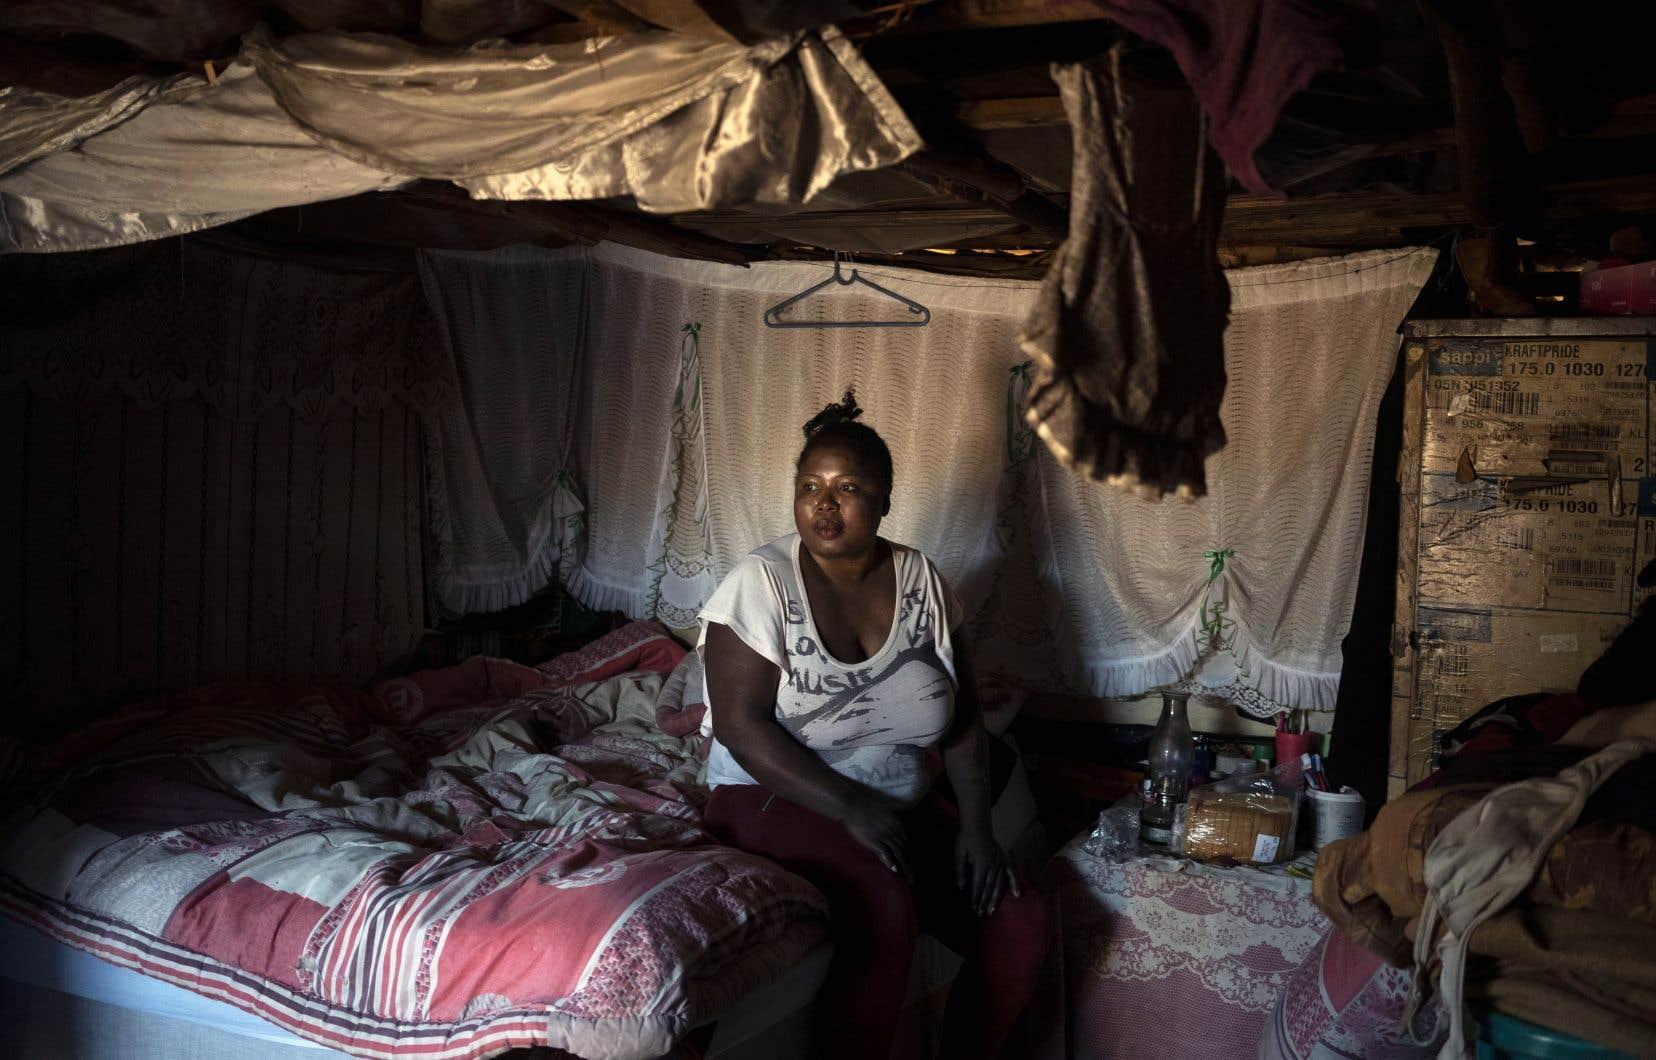 Une travailleuse du sexe séropositive attend la livraison de son traitement à Ngodwana, en Afrique du Sud. Partout dans le monde, la pandémie a perturbé l'approvisionnement en médicaments antirétroviraux, mettant en danger la vie de millions de personnes.